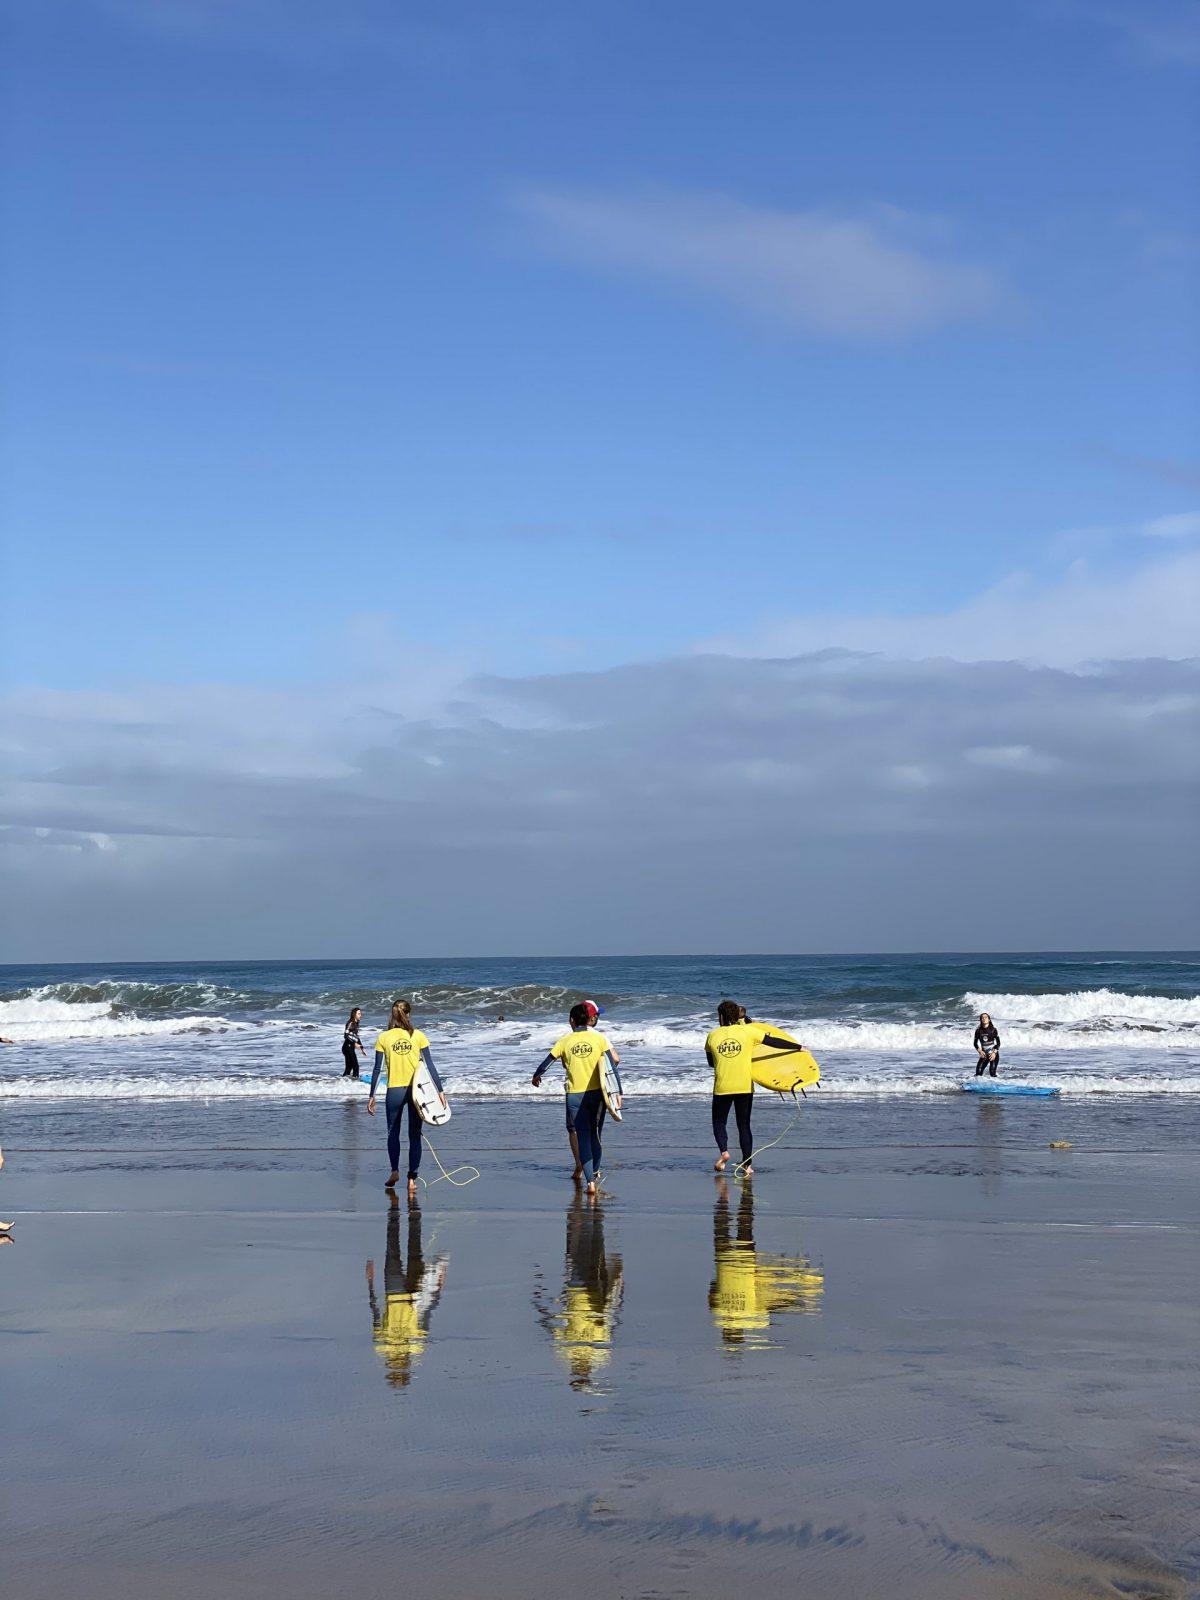 surfers-entering-ocean-surf-camp-las-palmas